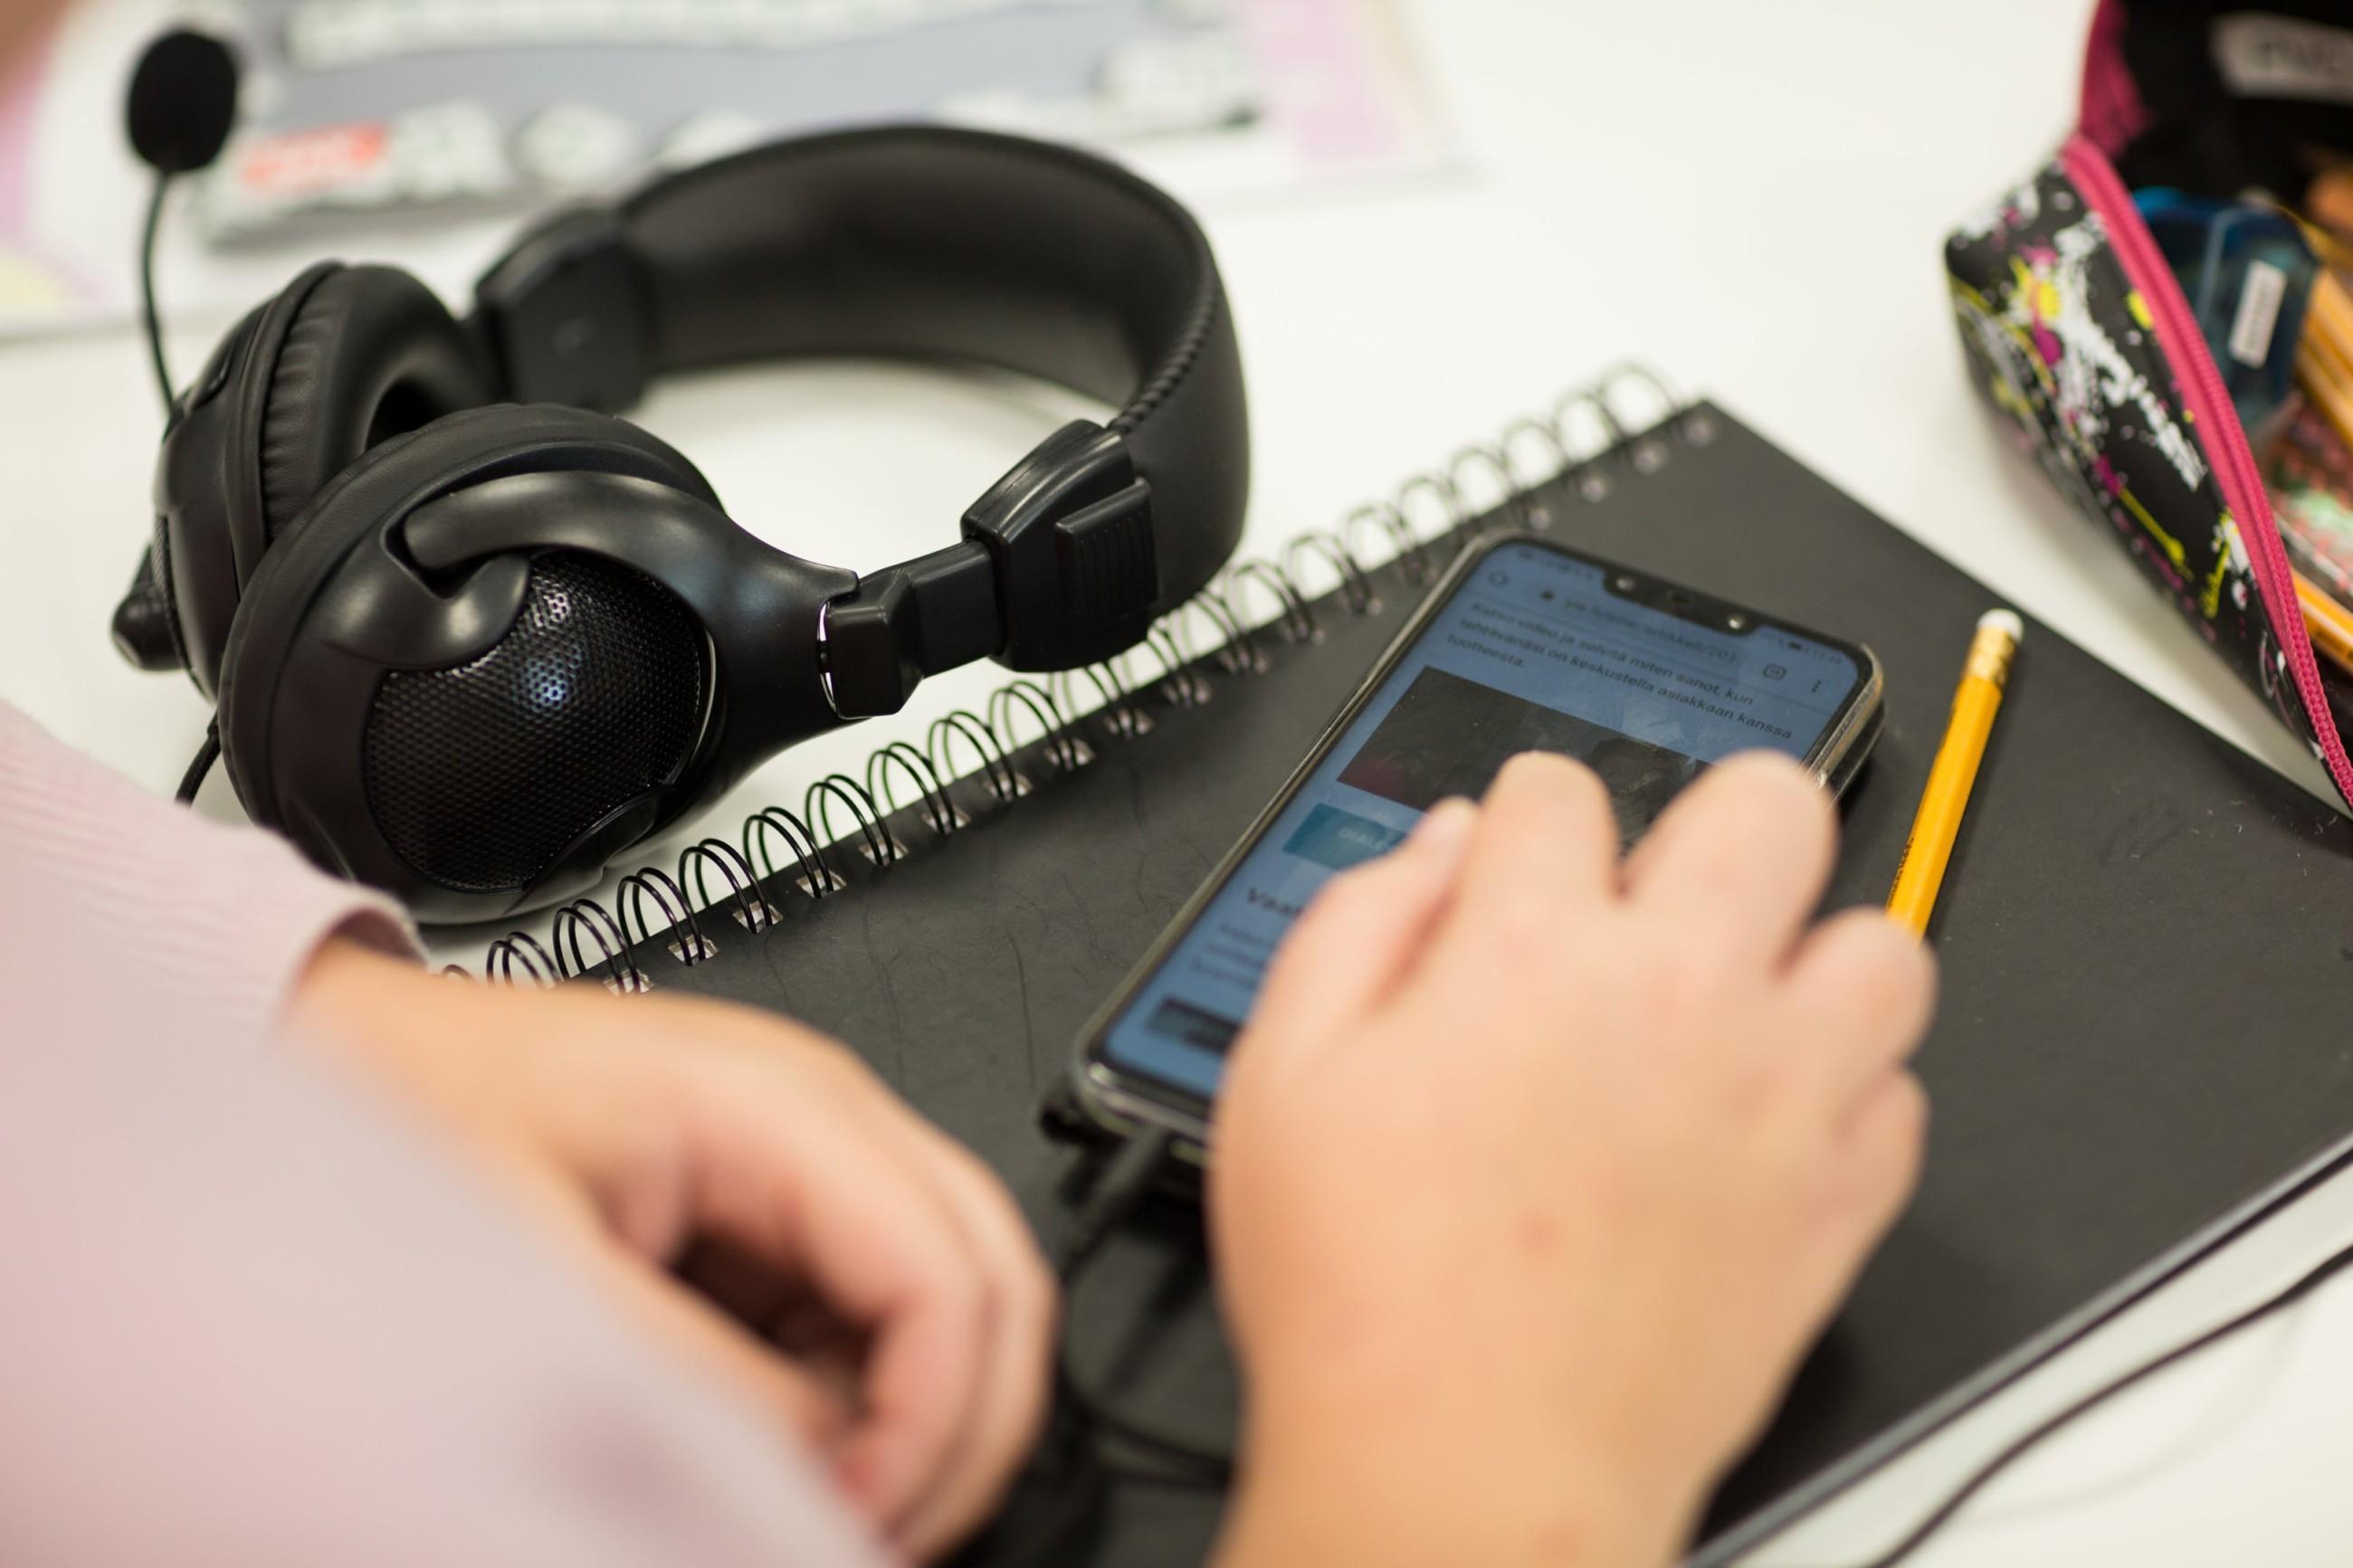 Pöydällä headset-kuulokkeet, kännykkä ja muistiinpanovälineet, kuvassa näkyvät myös henkilön kädet.